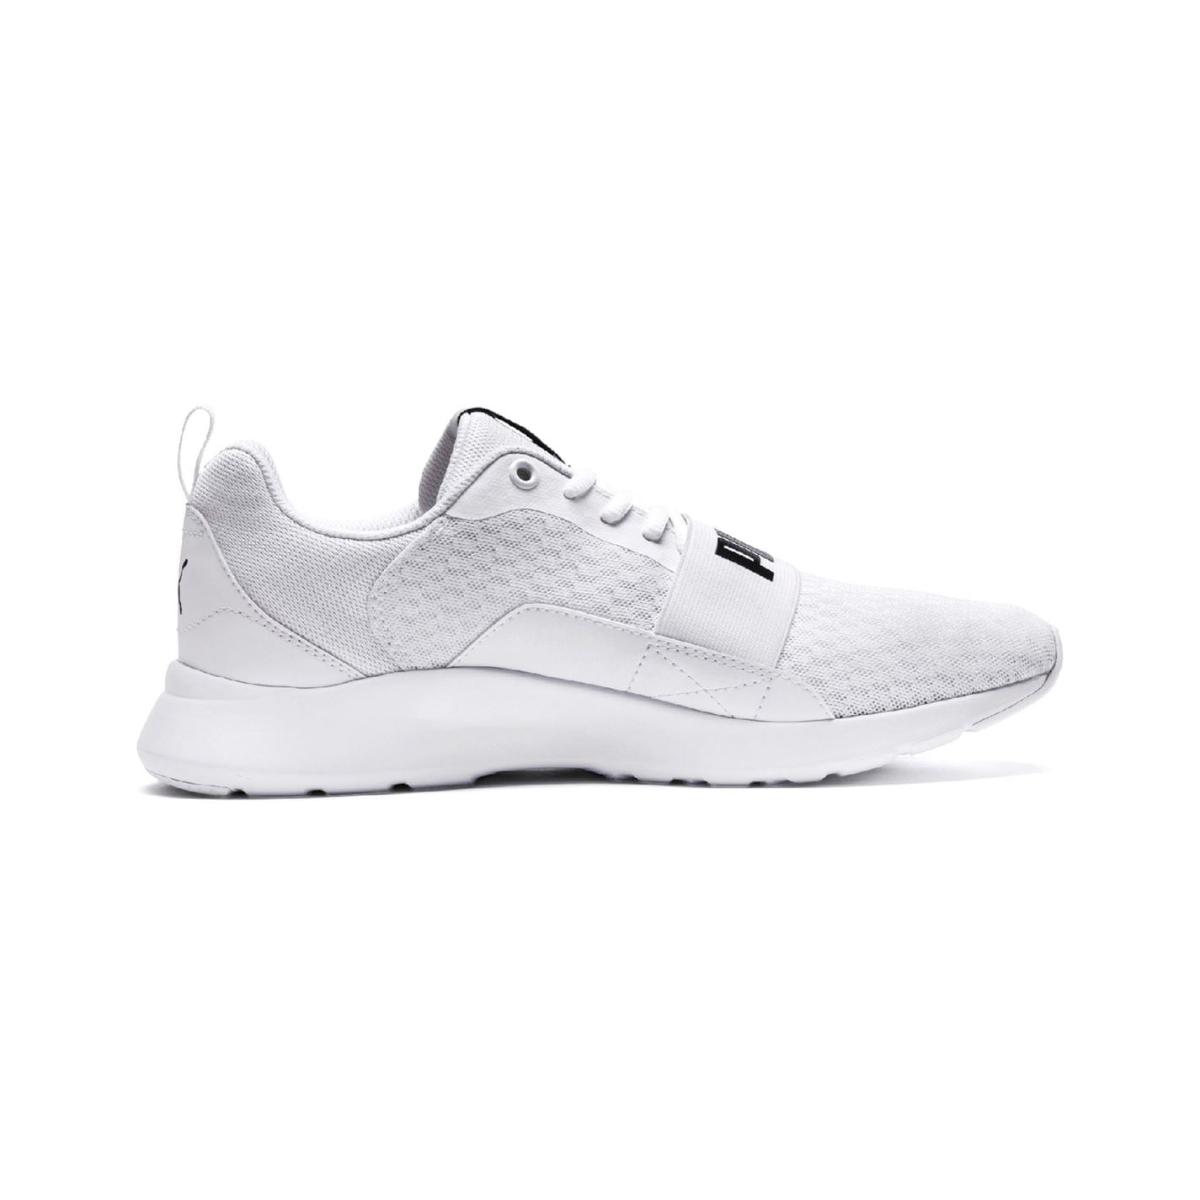 Puma-Wired-senores-zapatillas-de-deporte-zapatillas-para-correr-cortos-calzado-deportivo-fitness miniatura 23